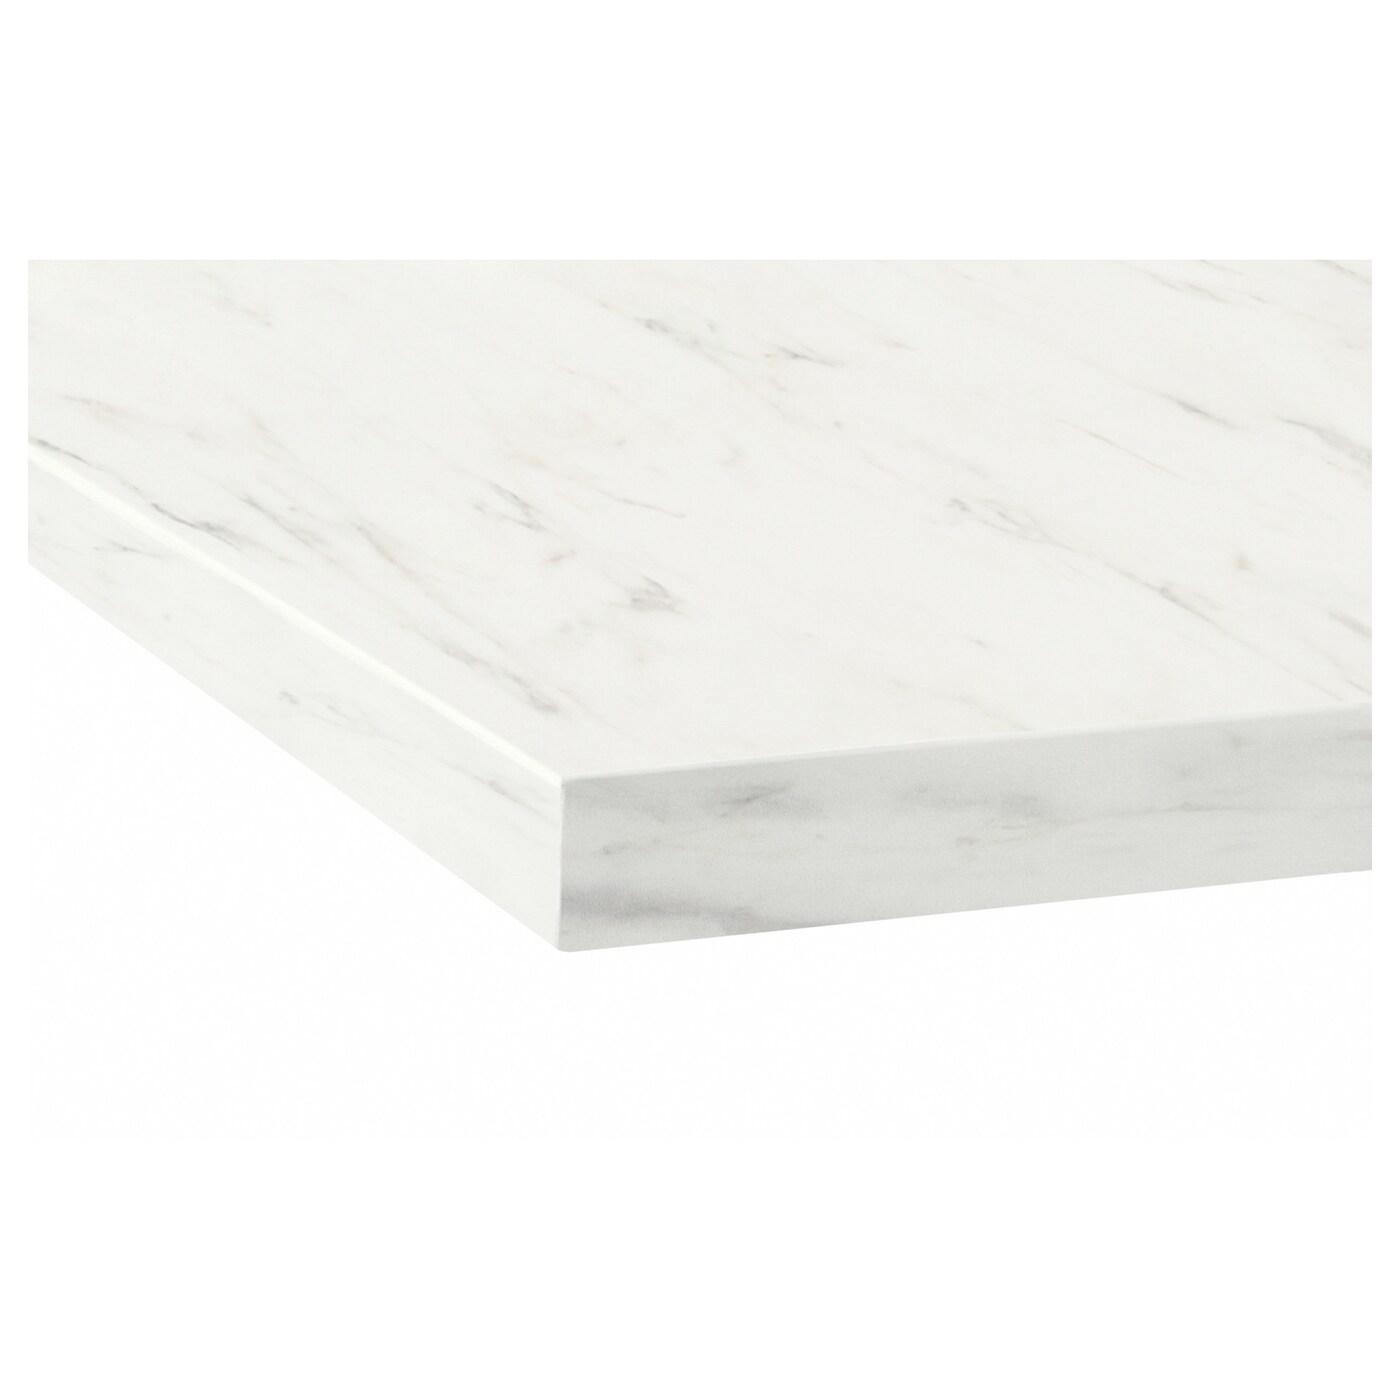 EKBACKEN Worktop White Marble Effect 246 X 2.8 Cm